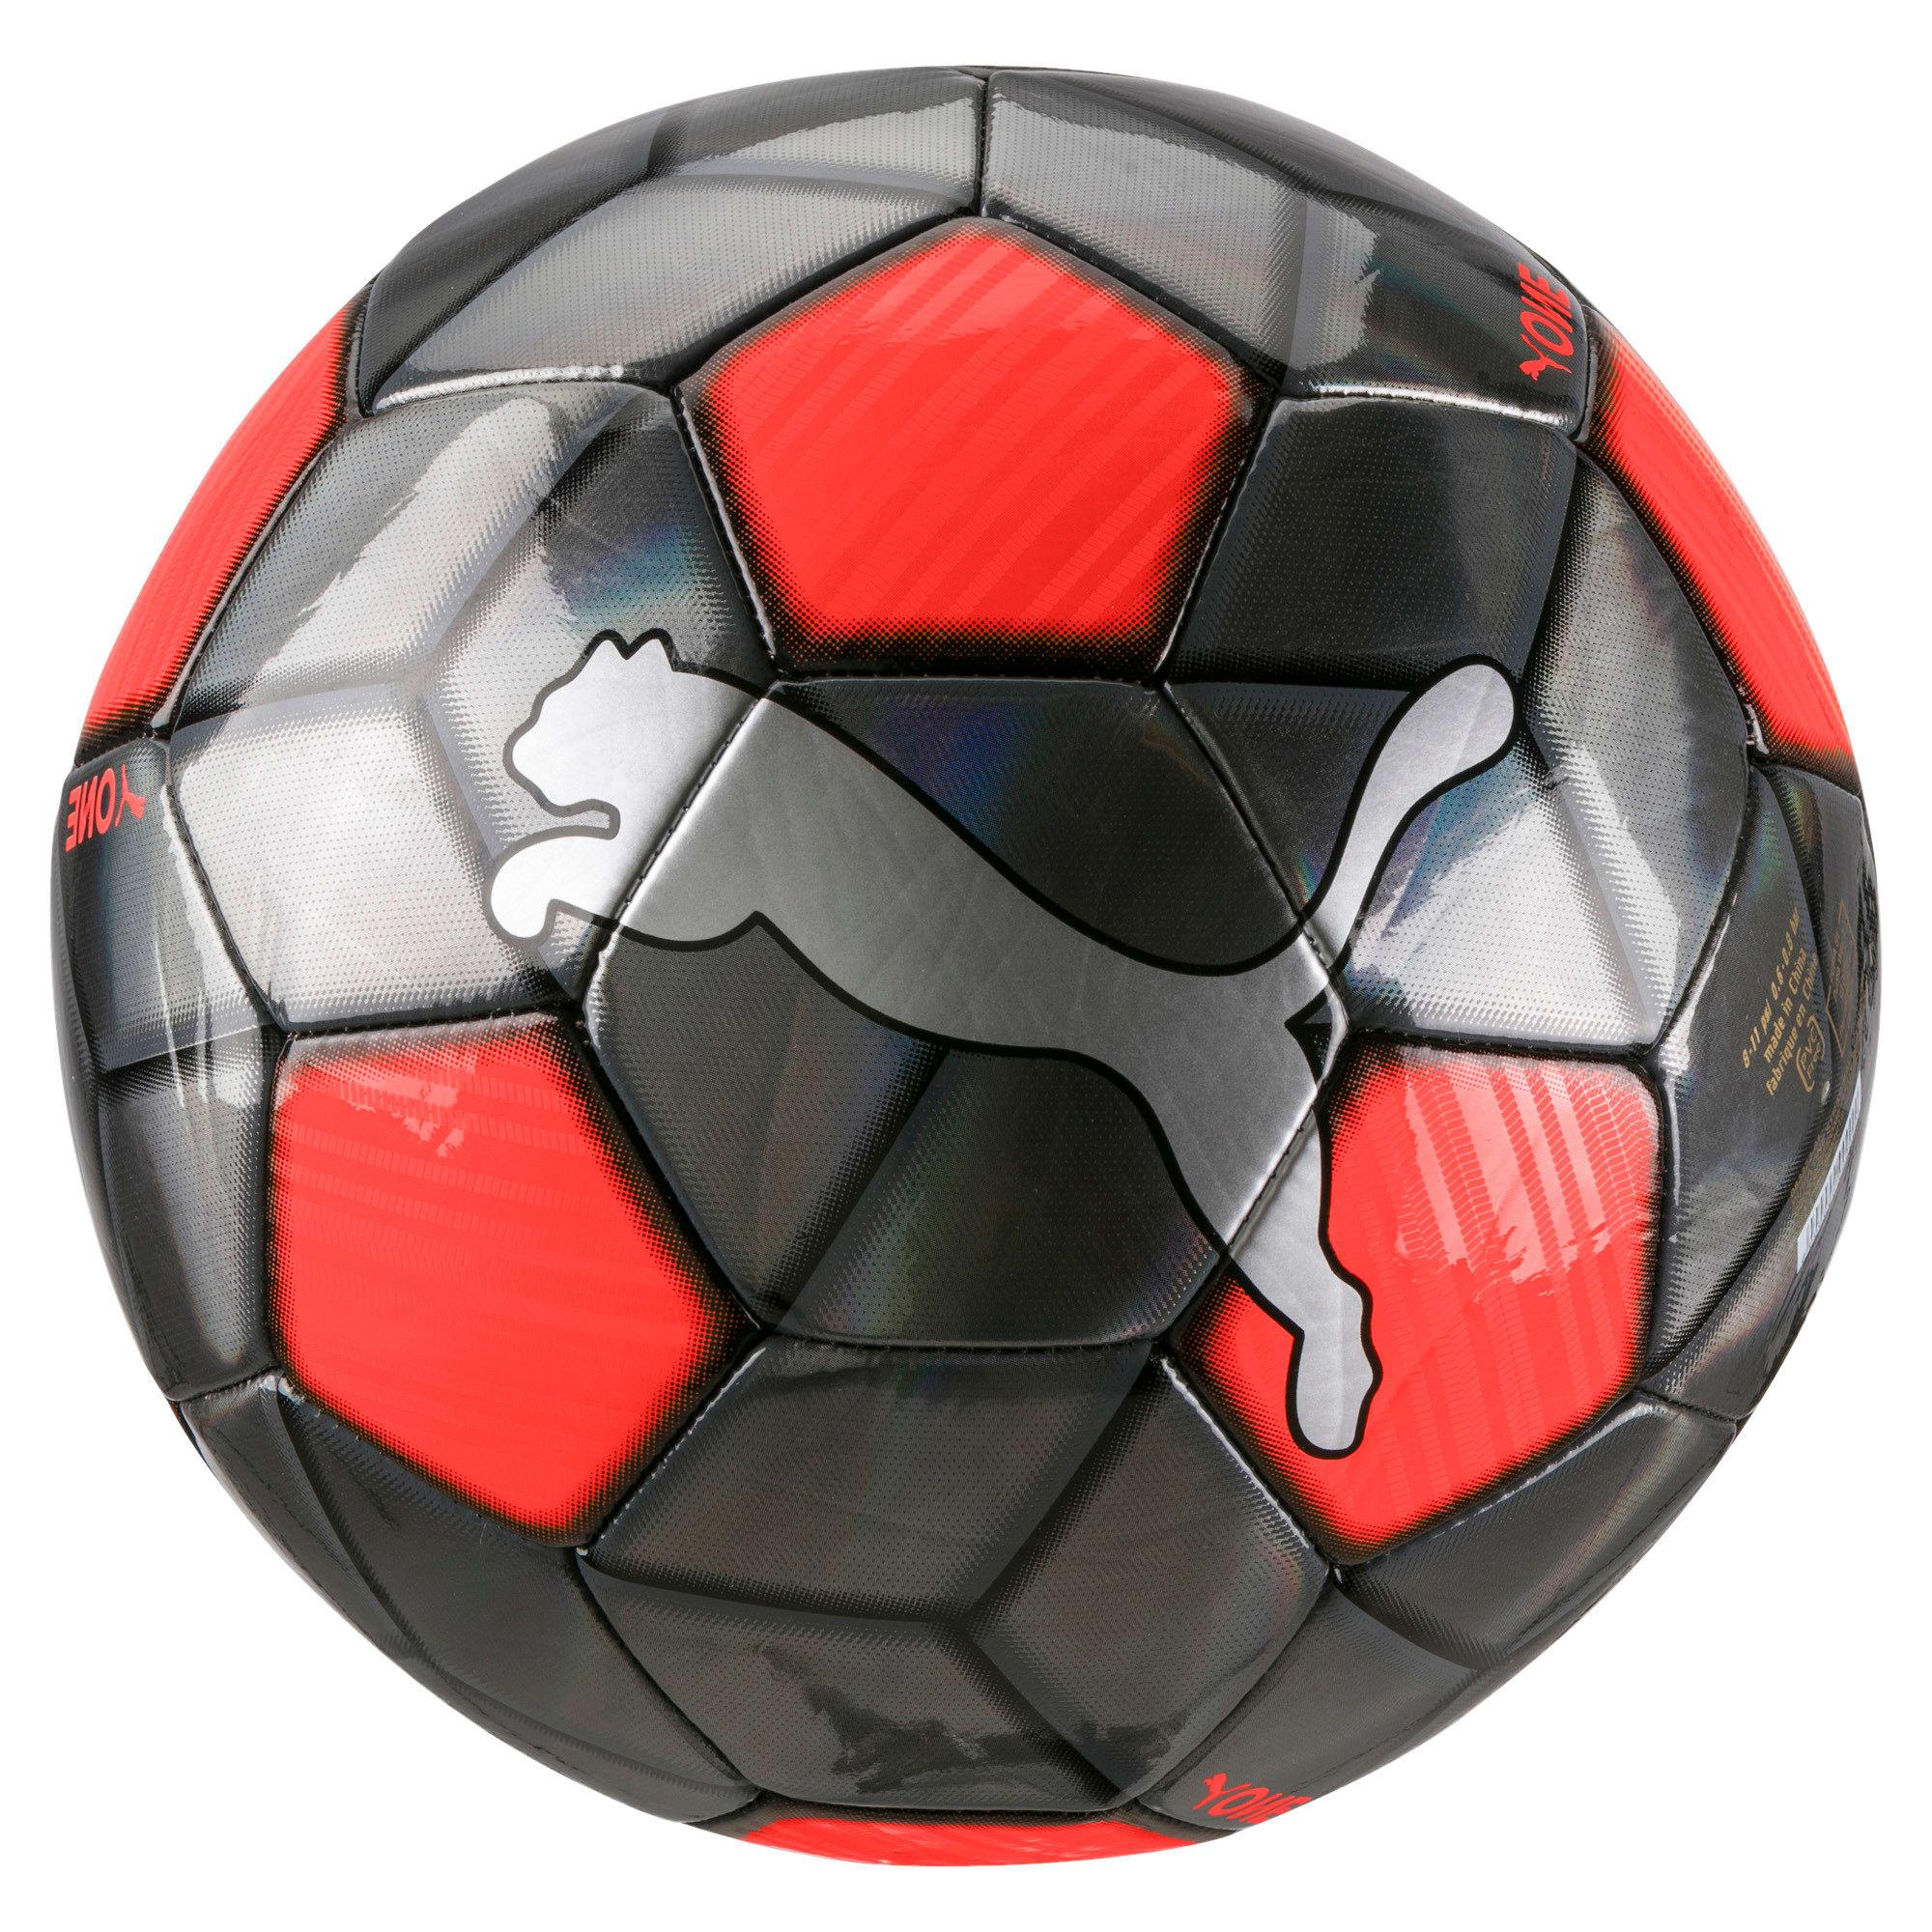 Miniatura 1 de Pelota de fútbol PUMA One Strap, Silver-Nrgy Red-Puma Black, mediano